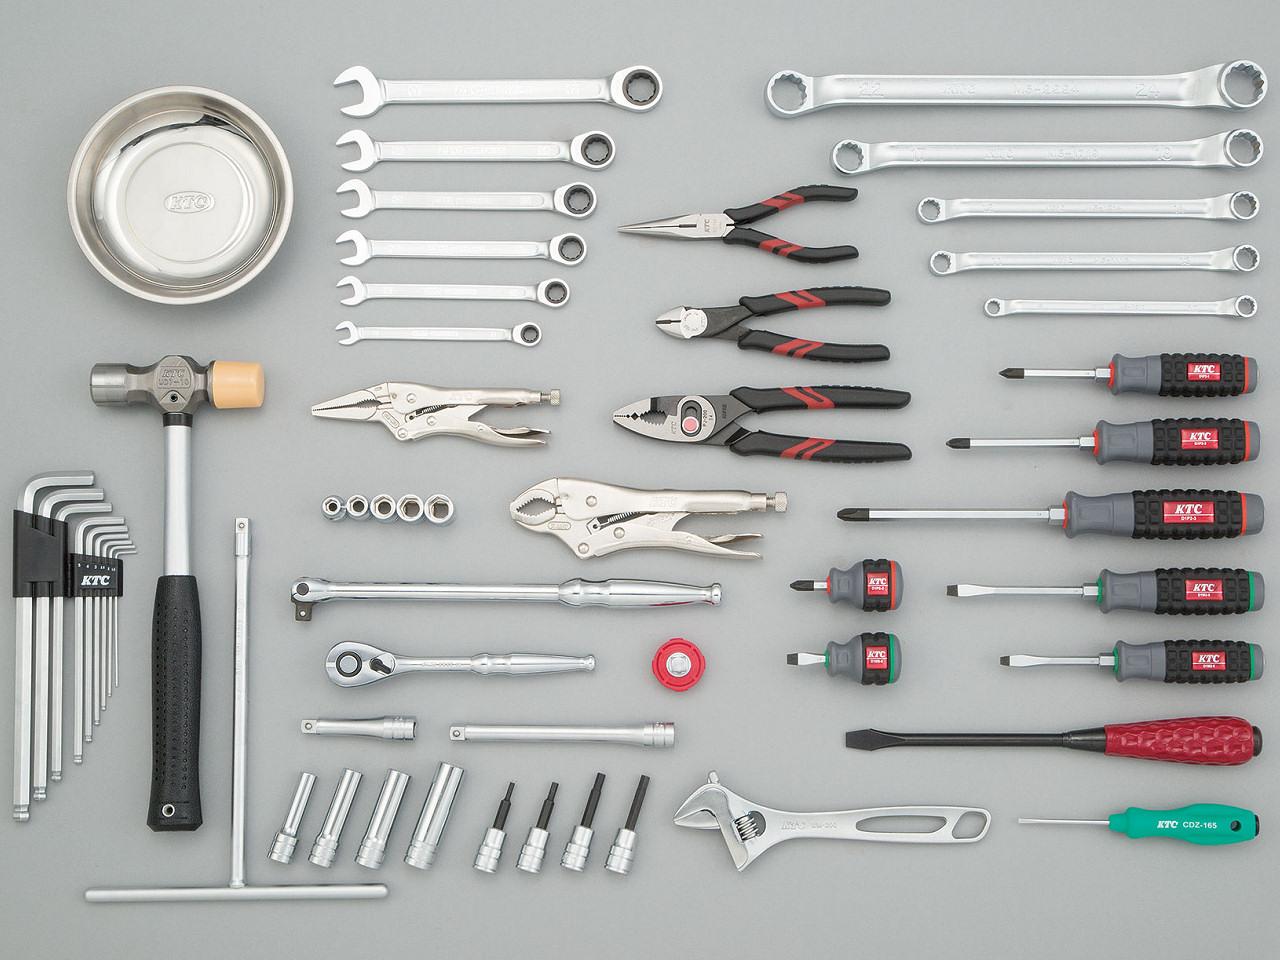 Ktc Sepeda Motor Tool Set Webike Indonesia Toolkit 11 In 1 Hitam Ktcsepeda